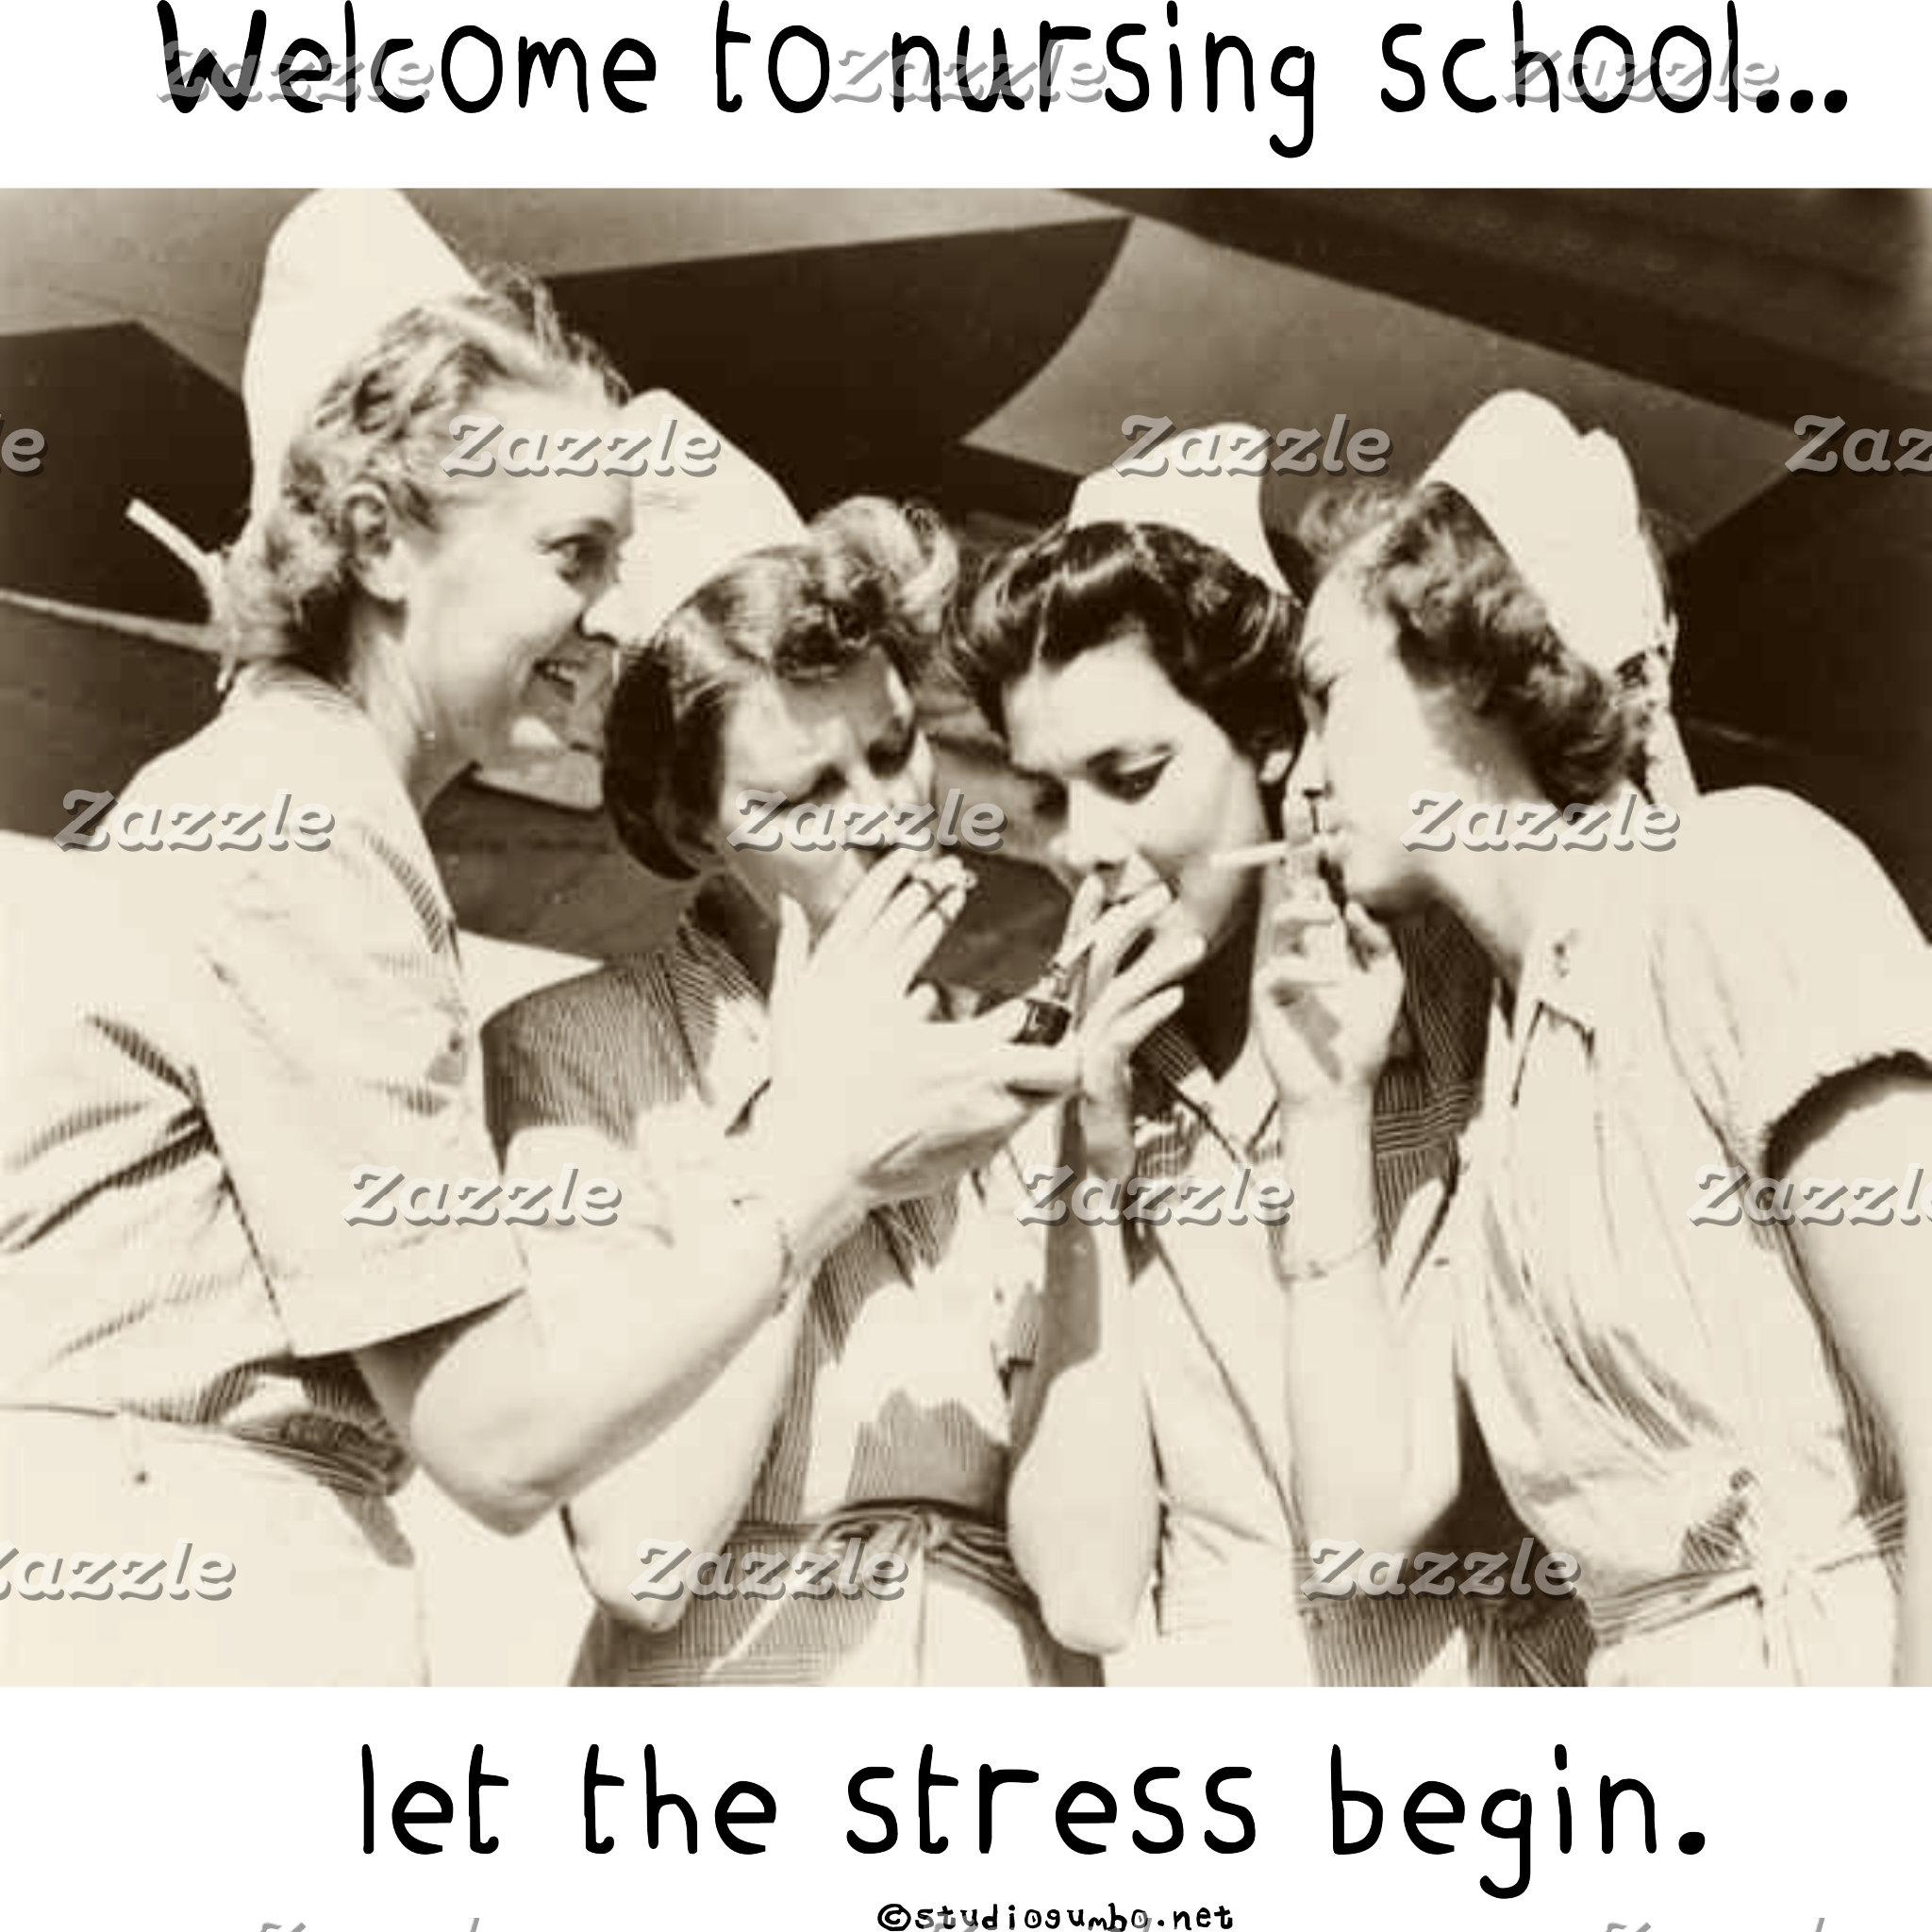 Nursing School - Let the Stress Begin